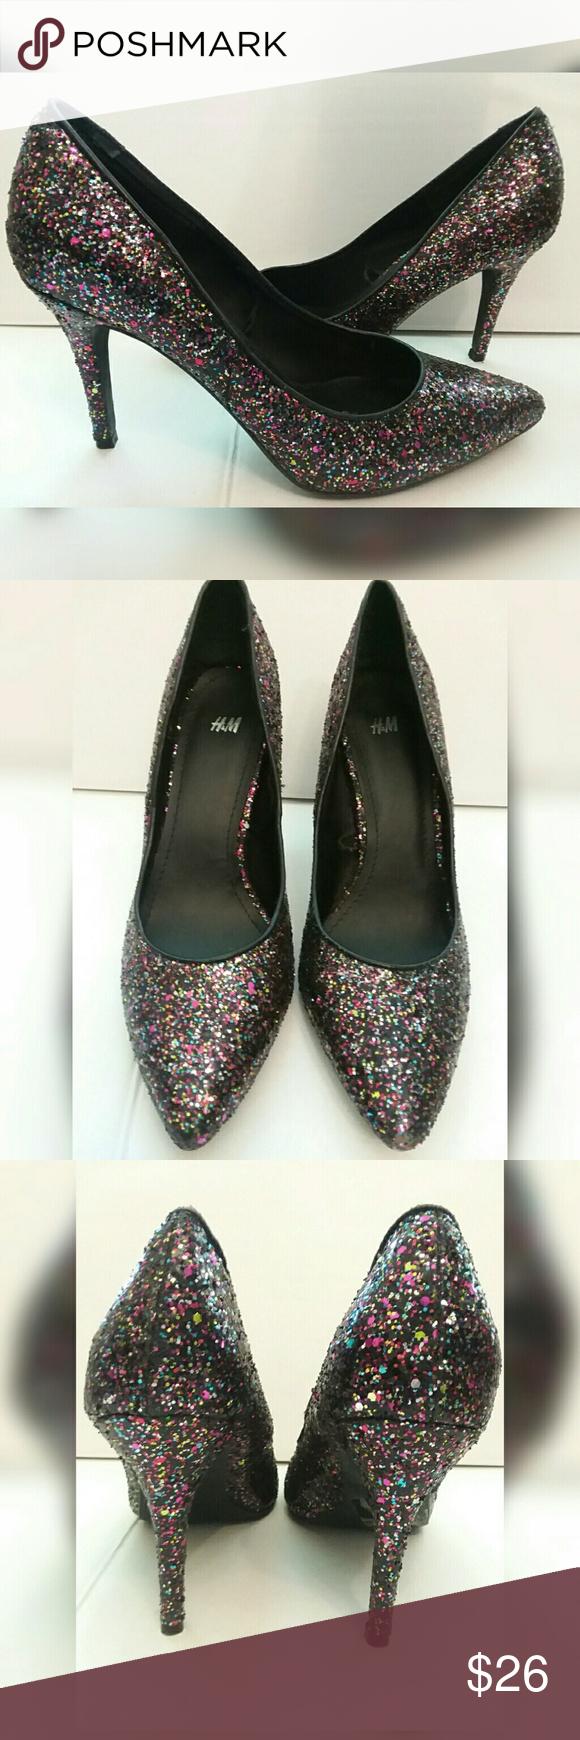 H M Multicolored Glitter 4 Inch Heels Size 8 Beautiful Pair Of H M Multicolored Glitter High Heels Great Condi H M Shoes Glitter High Heels Clothes Design